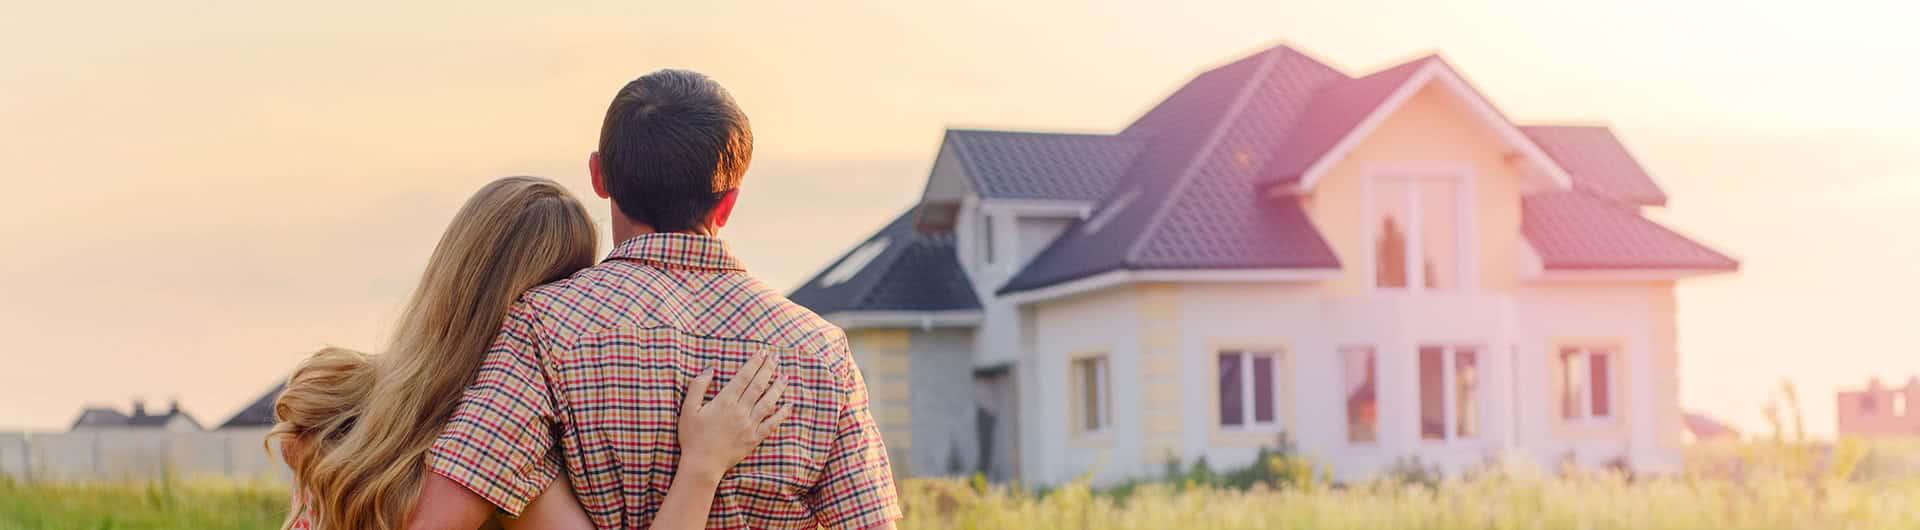 Sollten Eigentümer jetzt ihre Immobilie verkaufen?